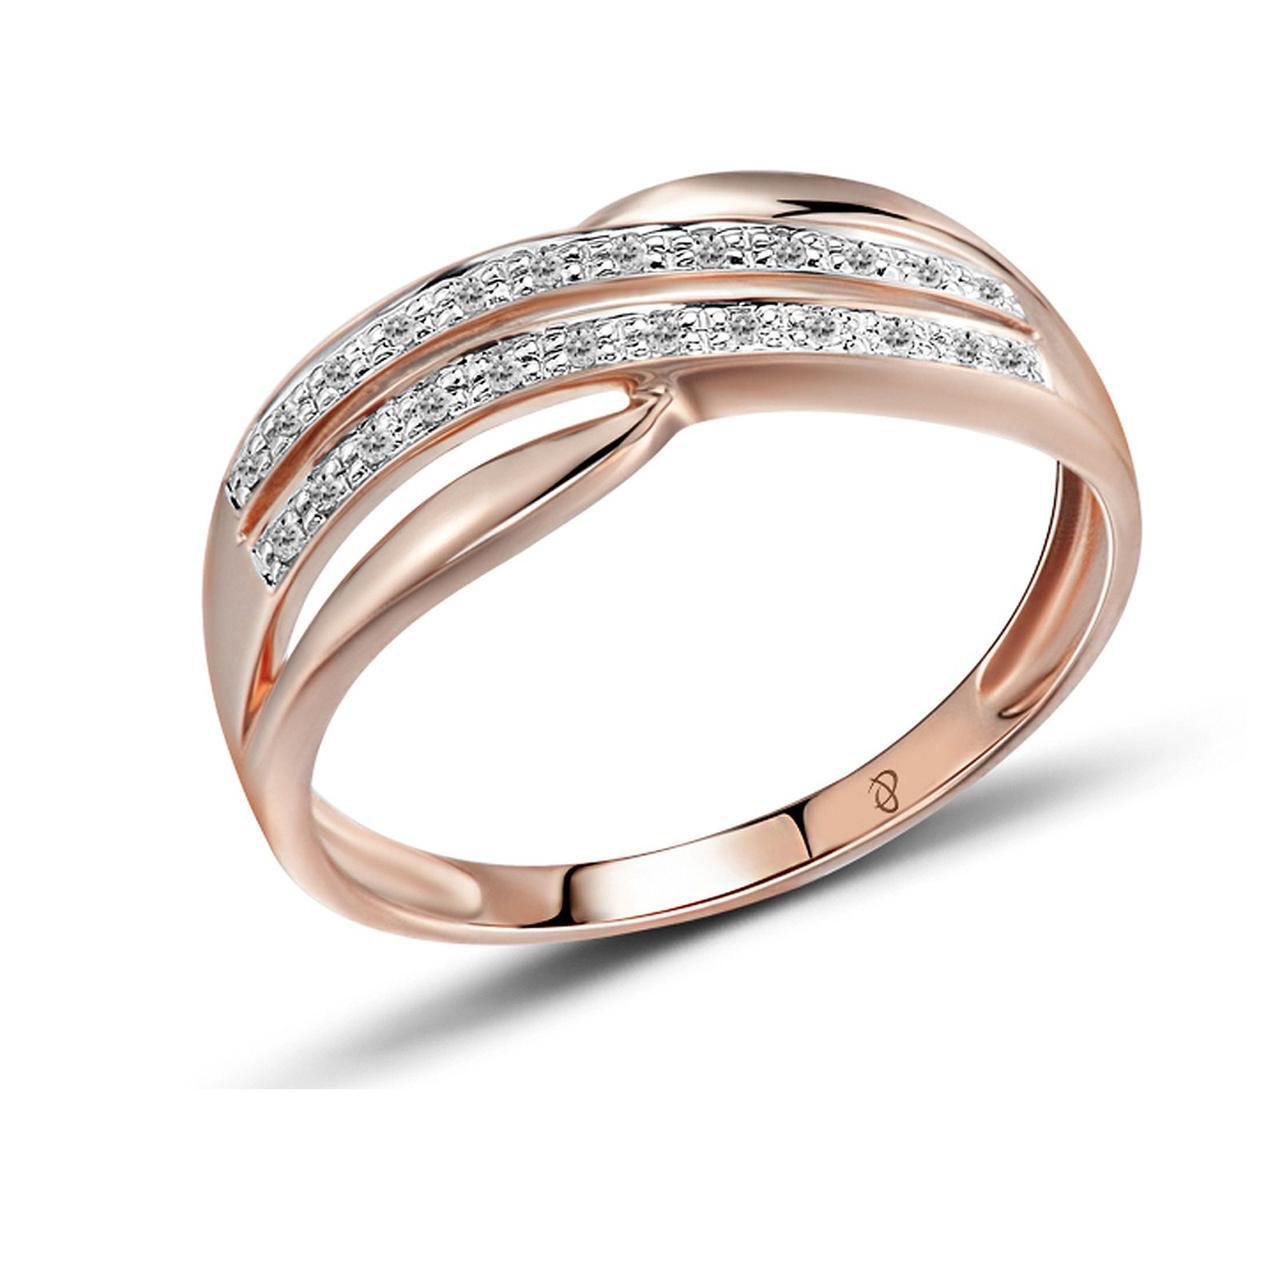 Золотое кольцо с бриллиантами, размер 16 (1551740)